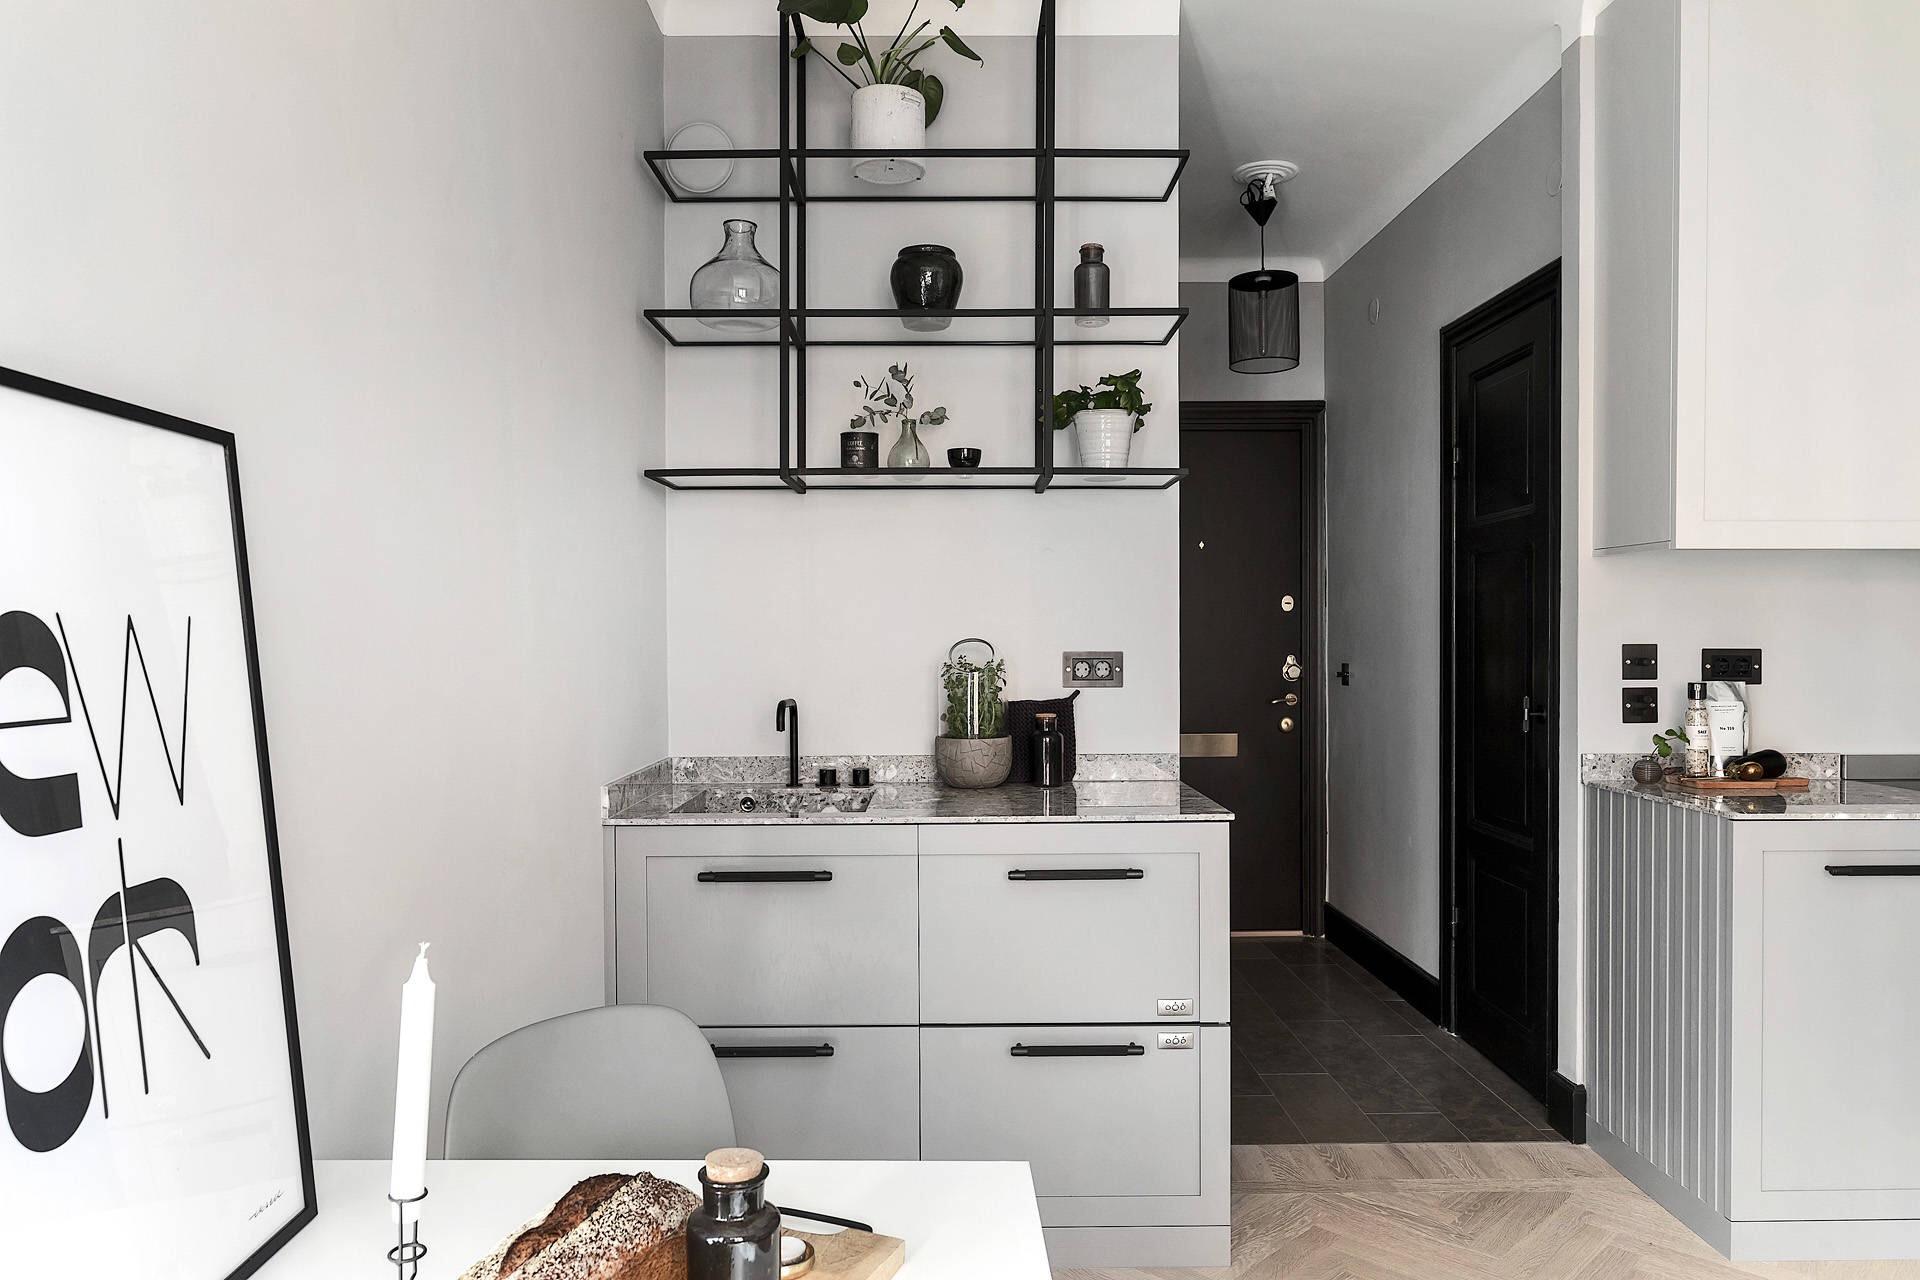 квартира студия белые стены светлый пол кухня серые фасады обеденный стол